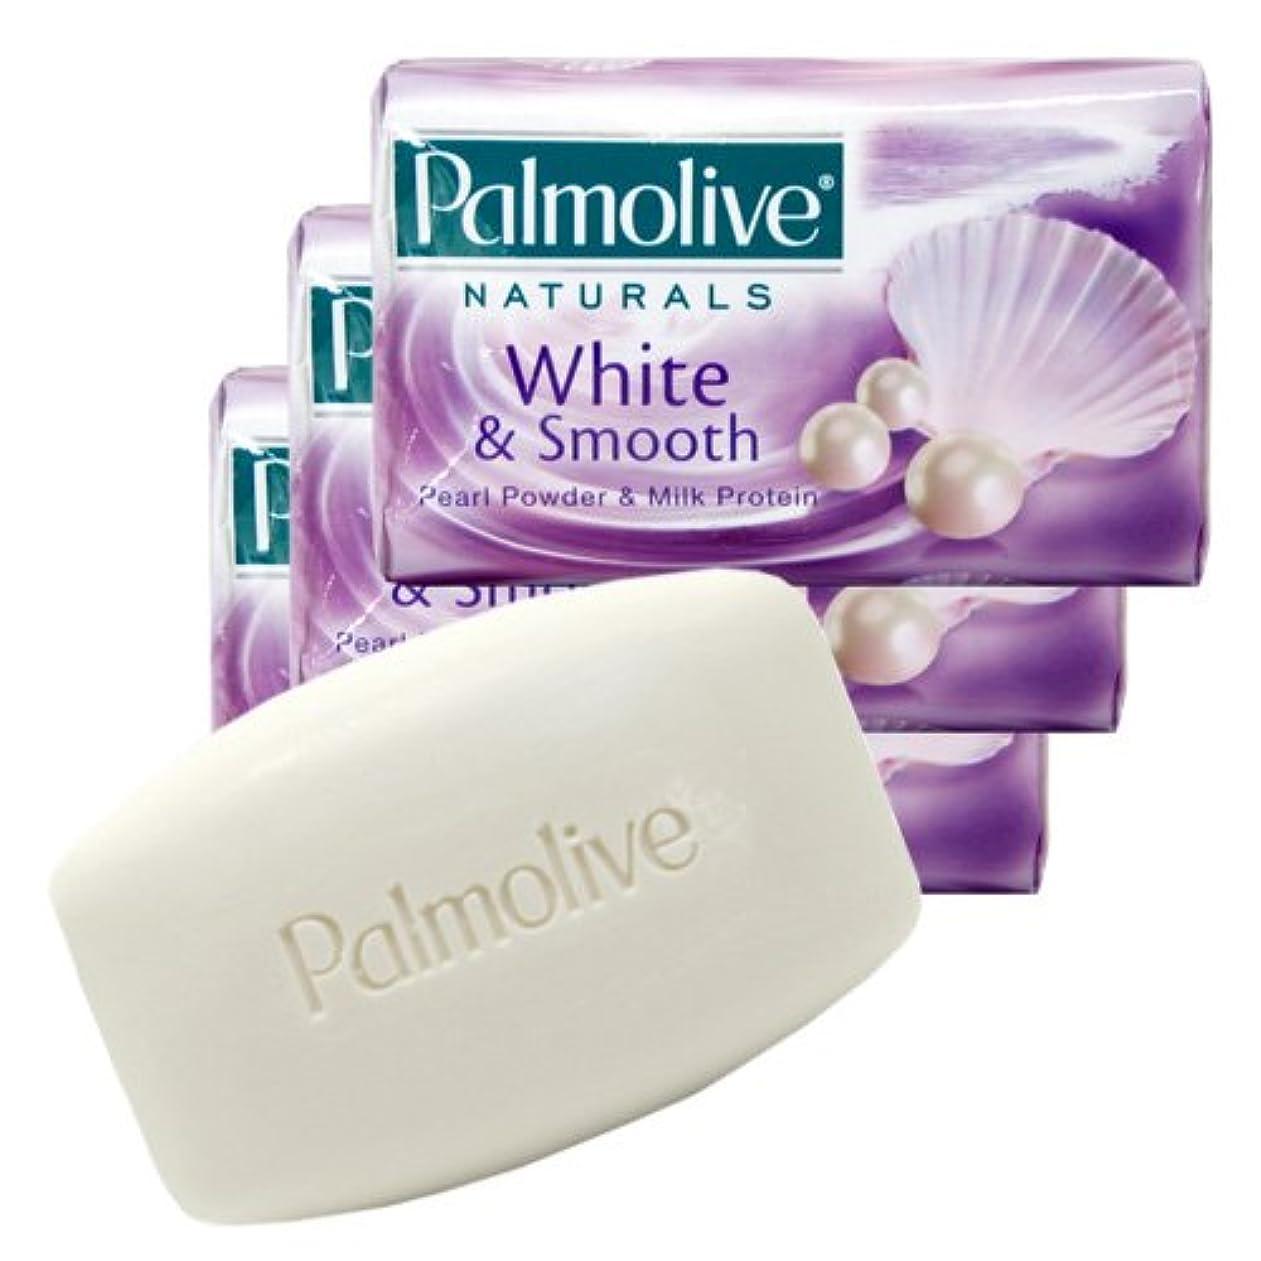 美的有料感染する【Palmolive】パルモリーブ ナチュラルズ石鹸3個パック ホワイト&スムース(パールパウダー&ミルクプロテイン)80g×3